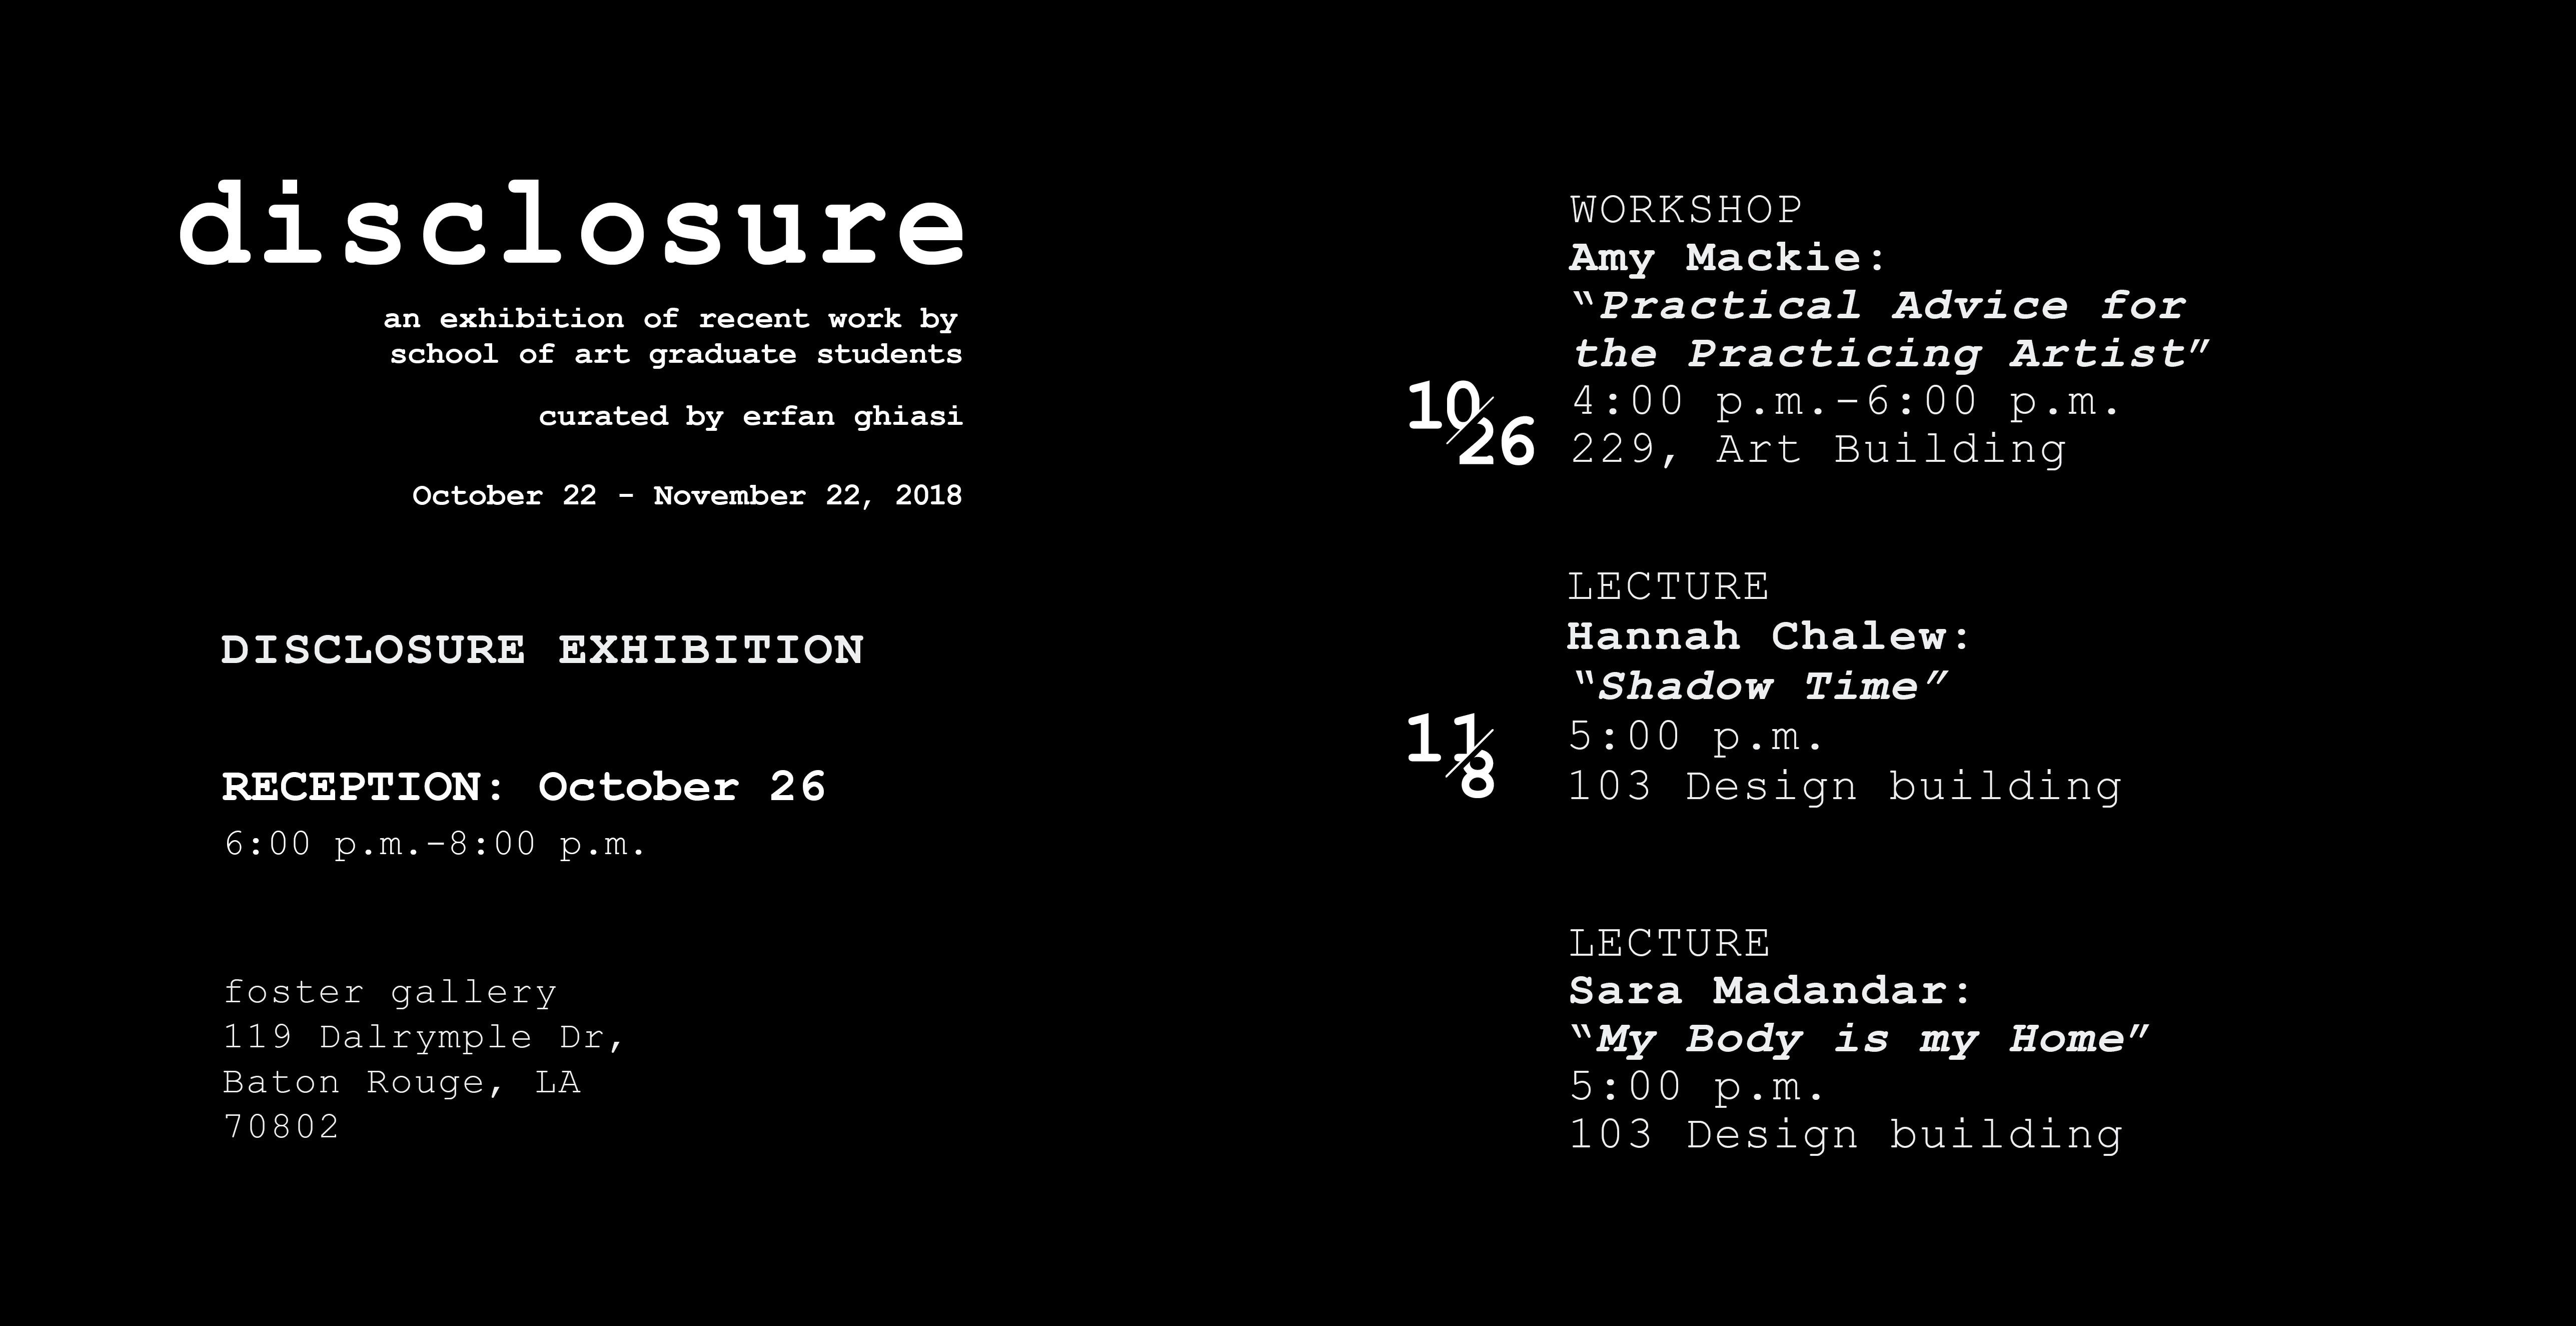 Disclosure Exhibit